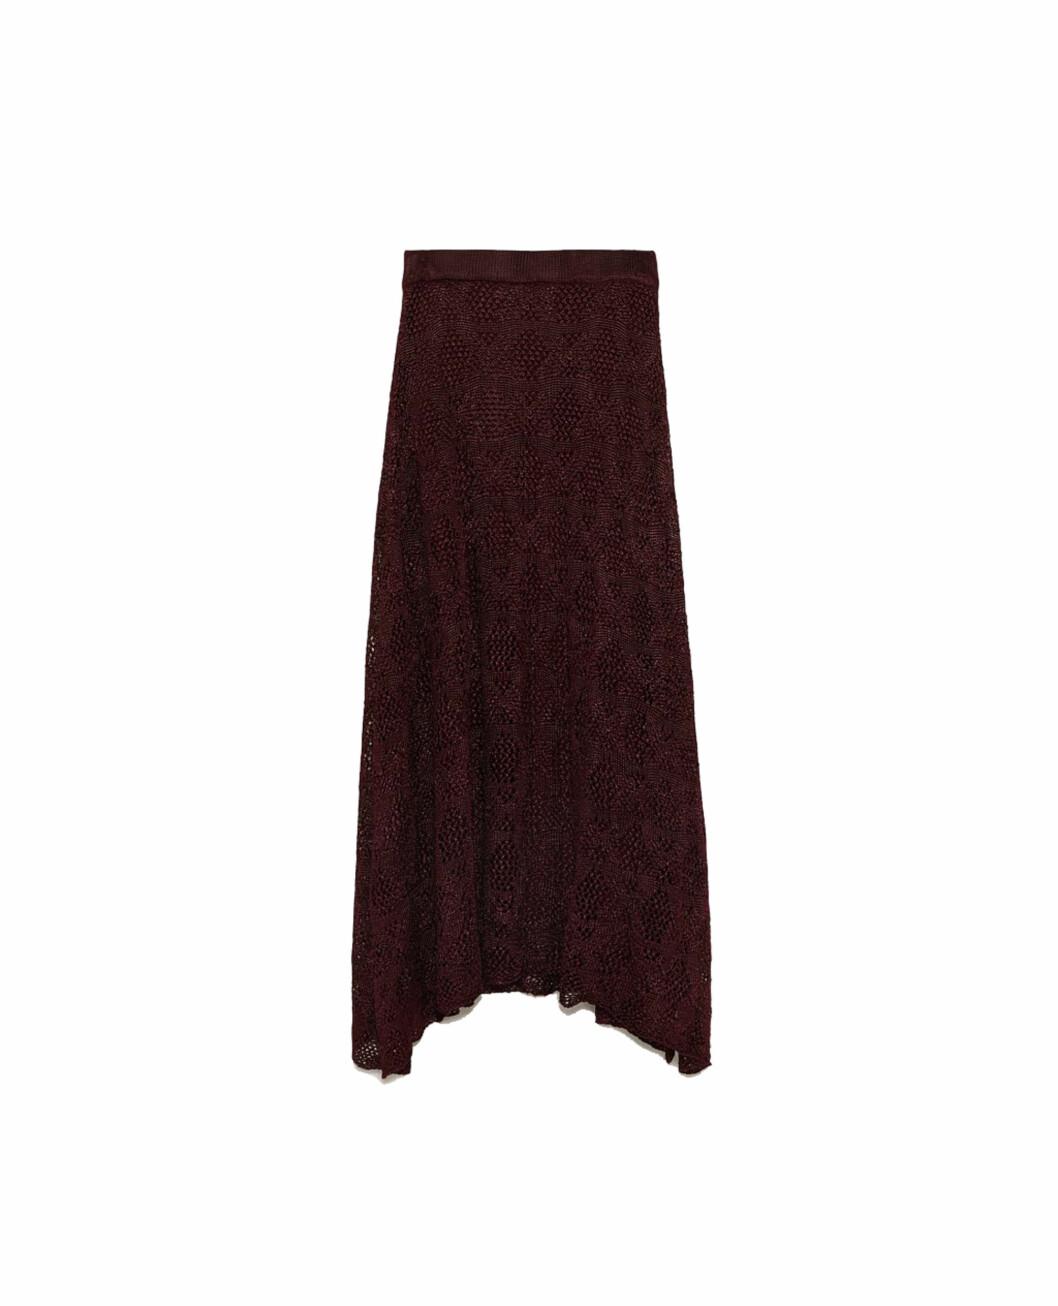 <strong>Skjørt fra Zara |499,-| https:</strong>//www.zara.com/no/no/strikkeskj%C3%B8rt-med-hullm%C3%B8nster-p08146009.html?v1=6700520&v2=805003